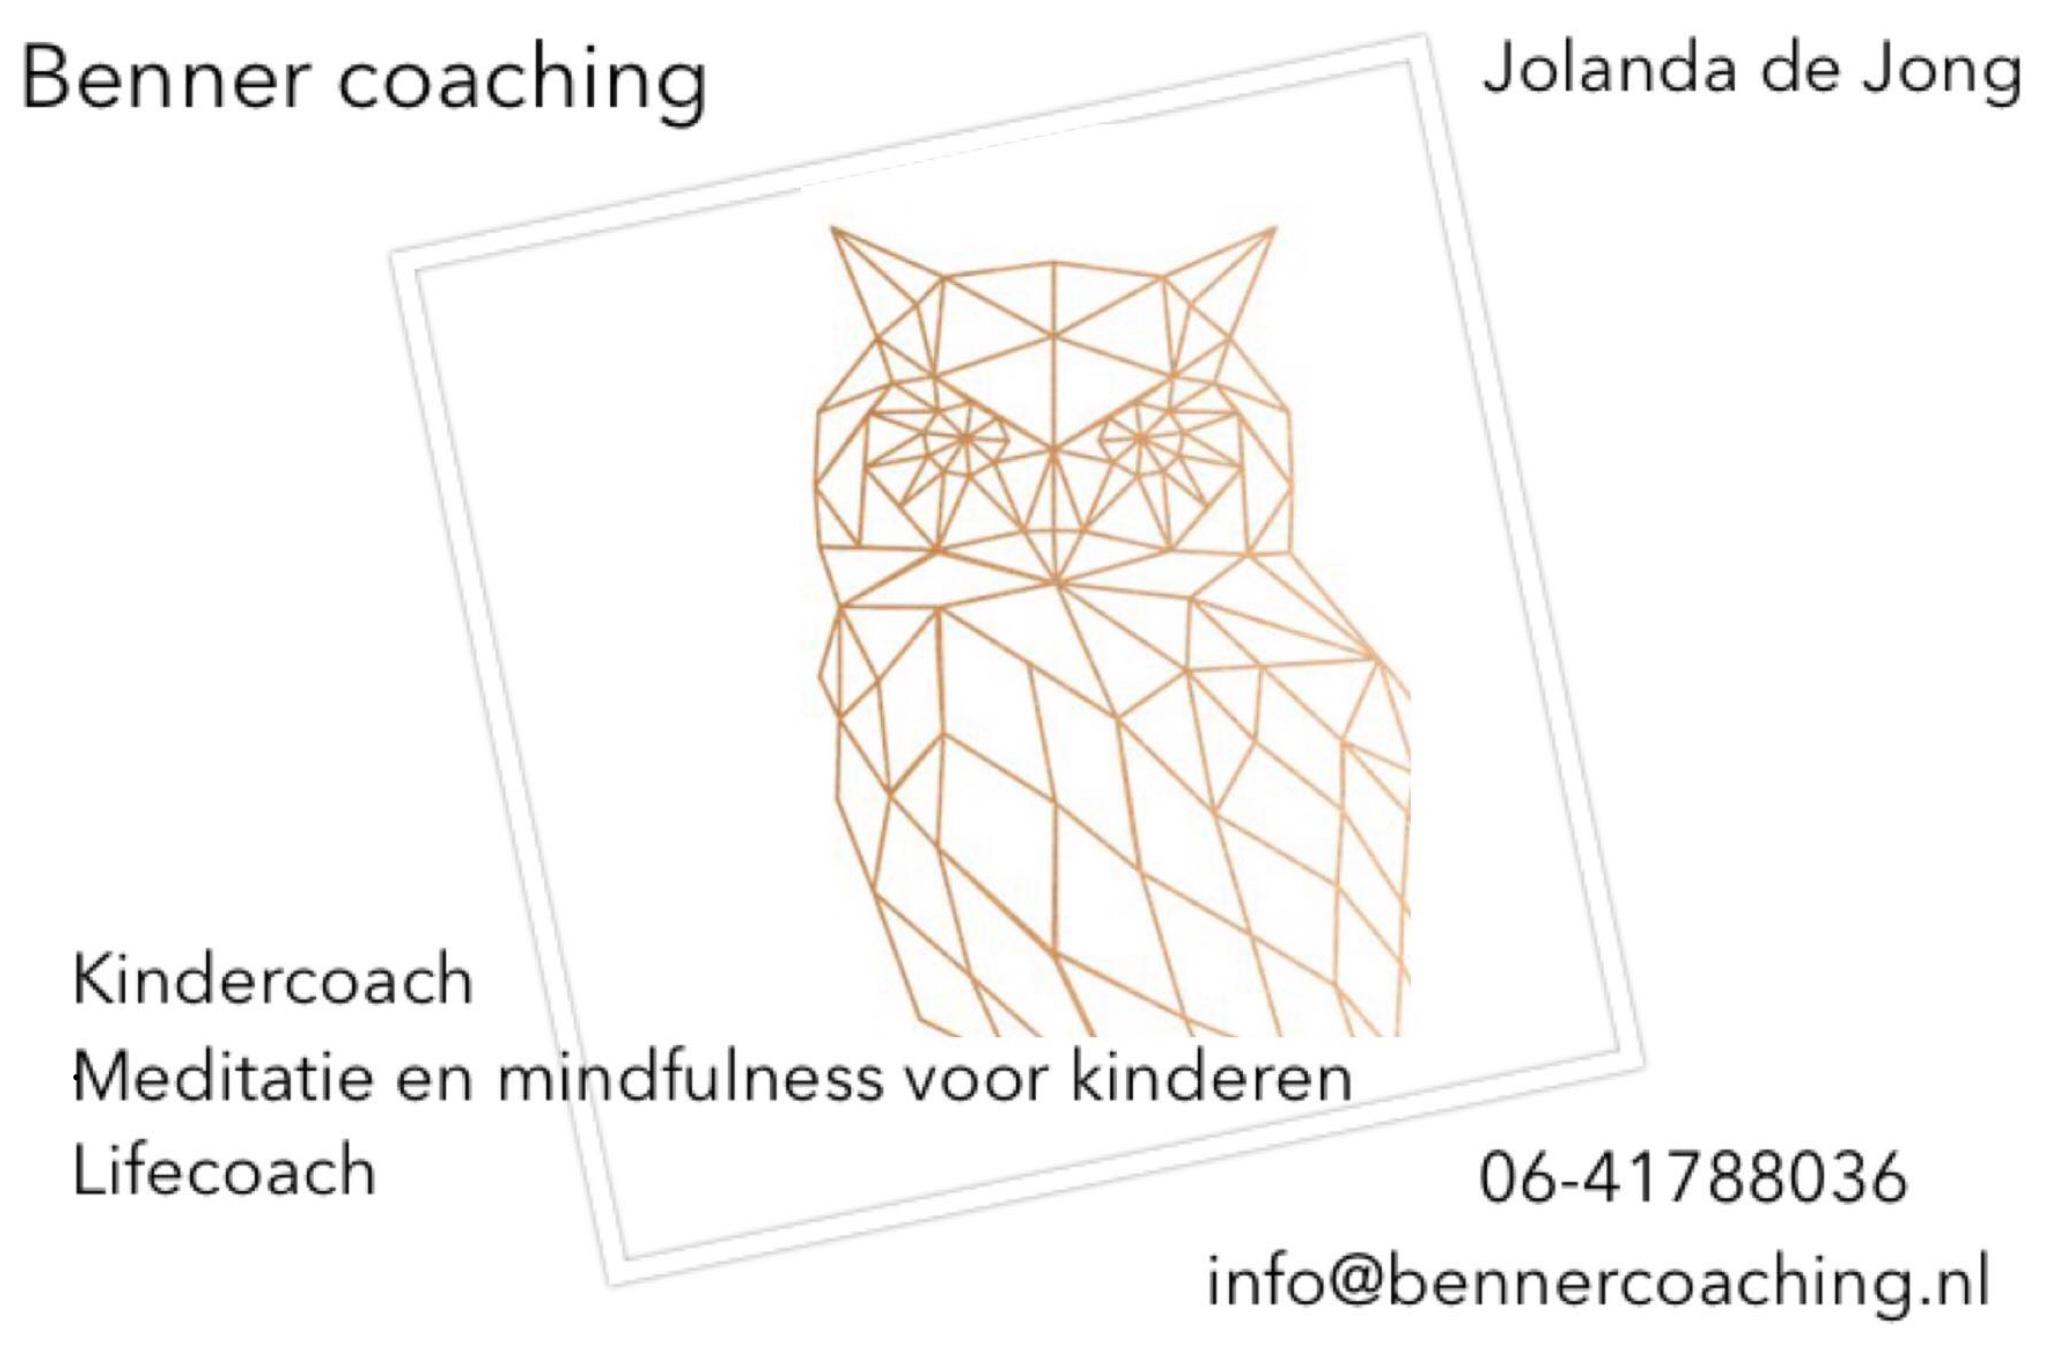 Benner coaching